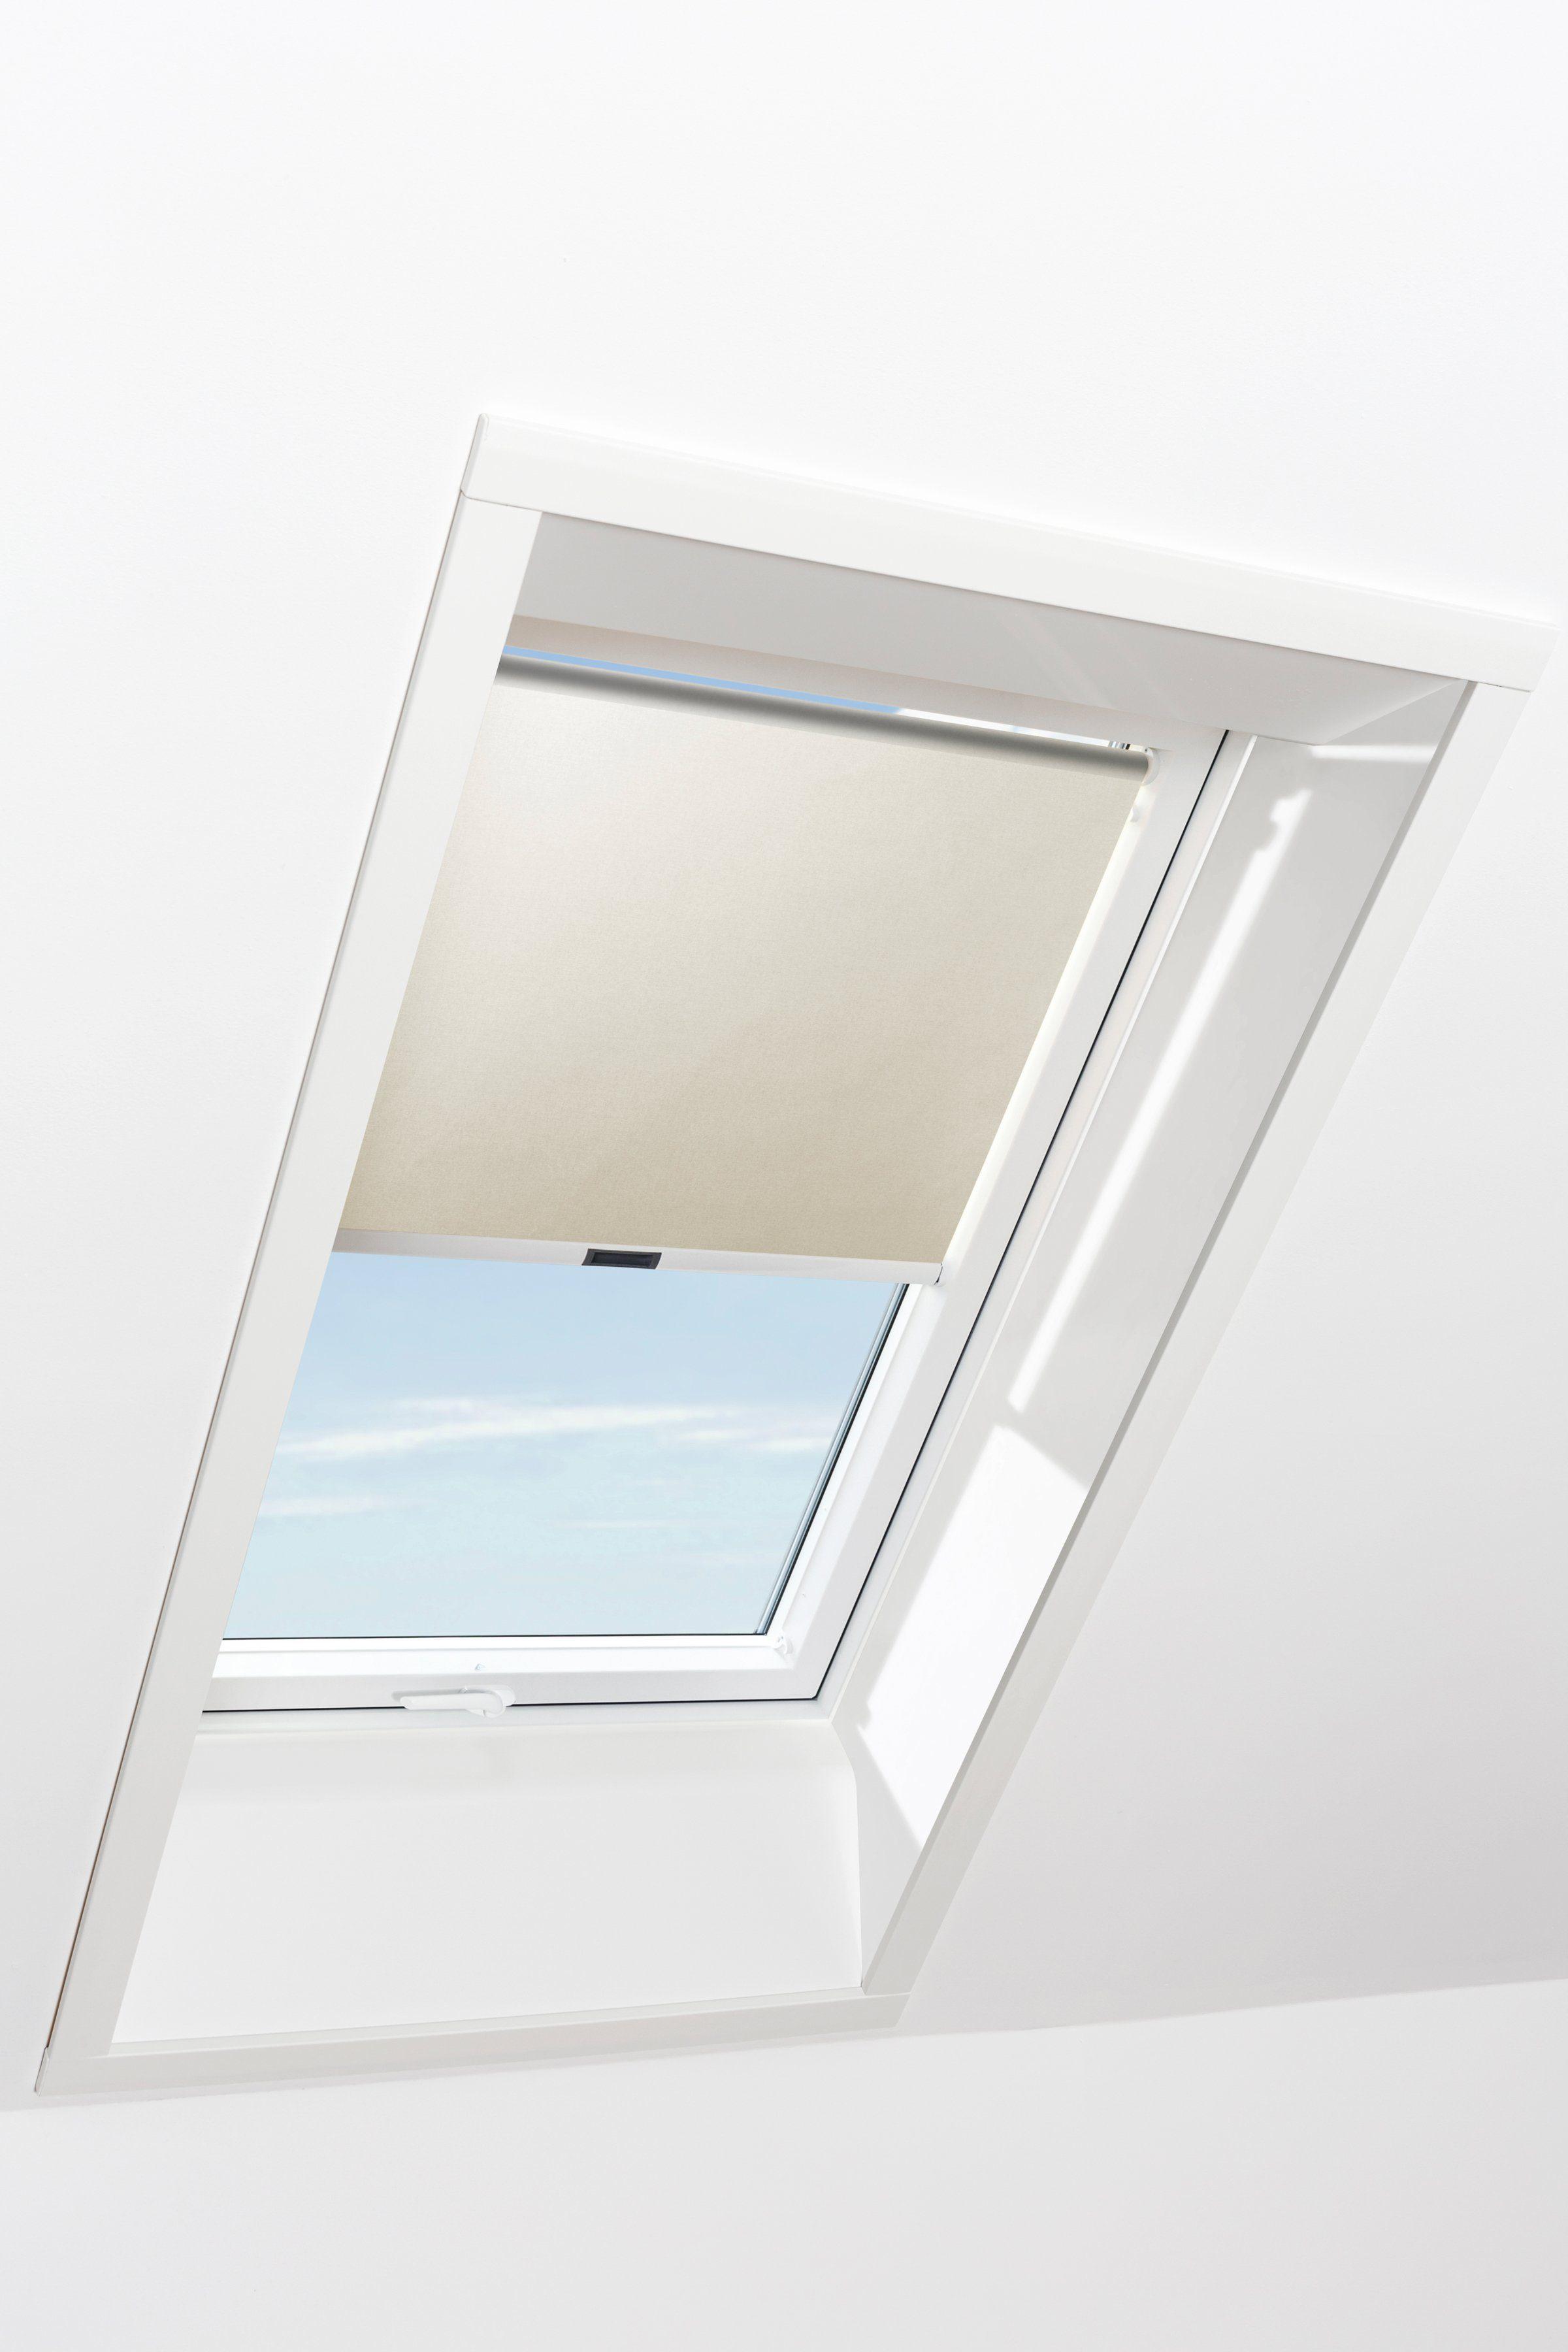 RORO Sichtschutzrollo »Typ SIRB711«, BxL: 74x118 cm, beige